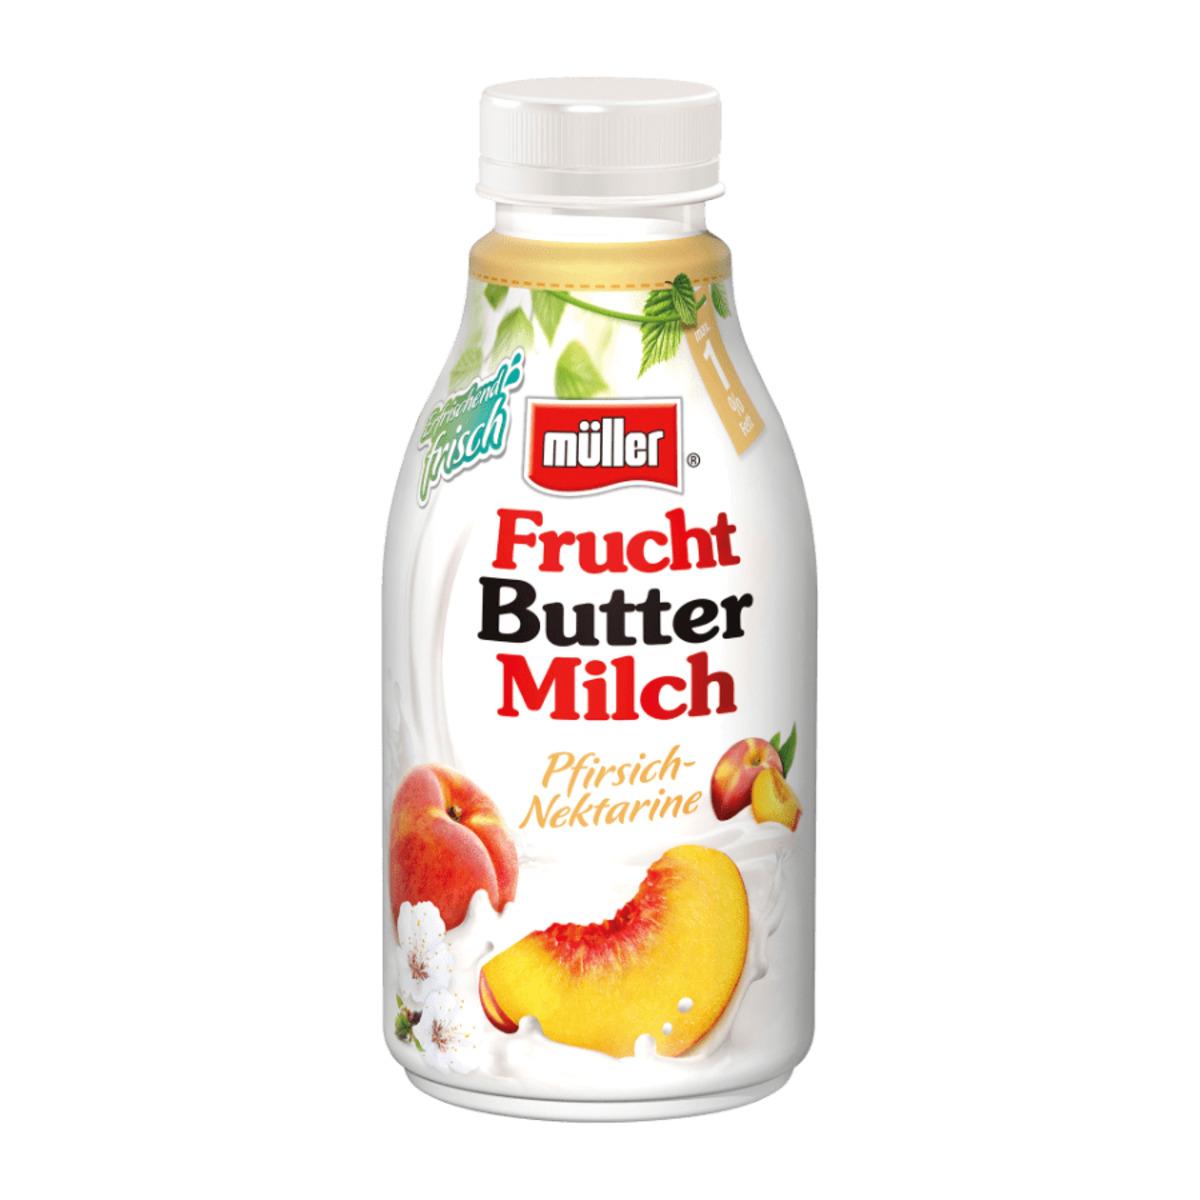 Bild 4 von müller Frucht Butter Milch